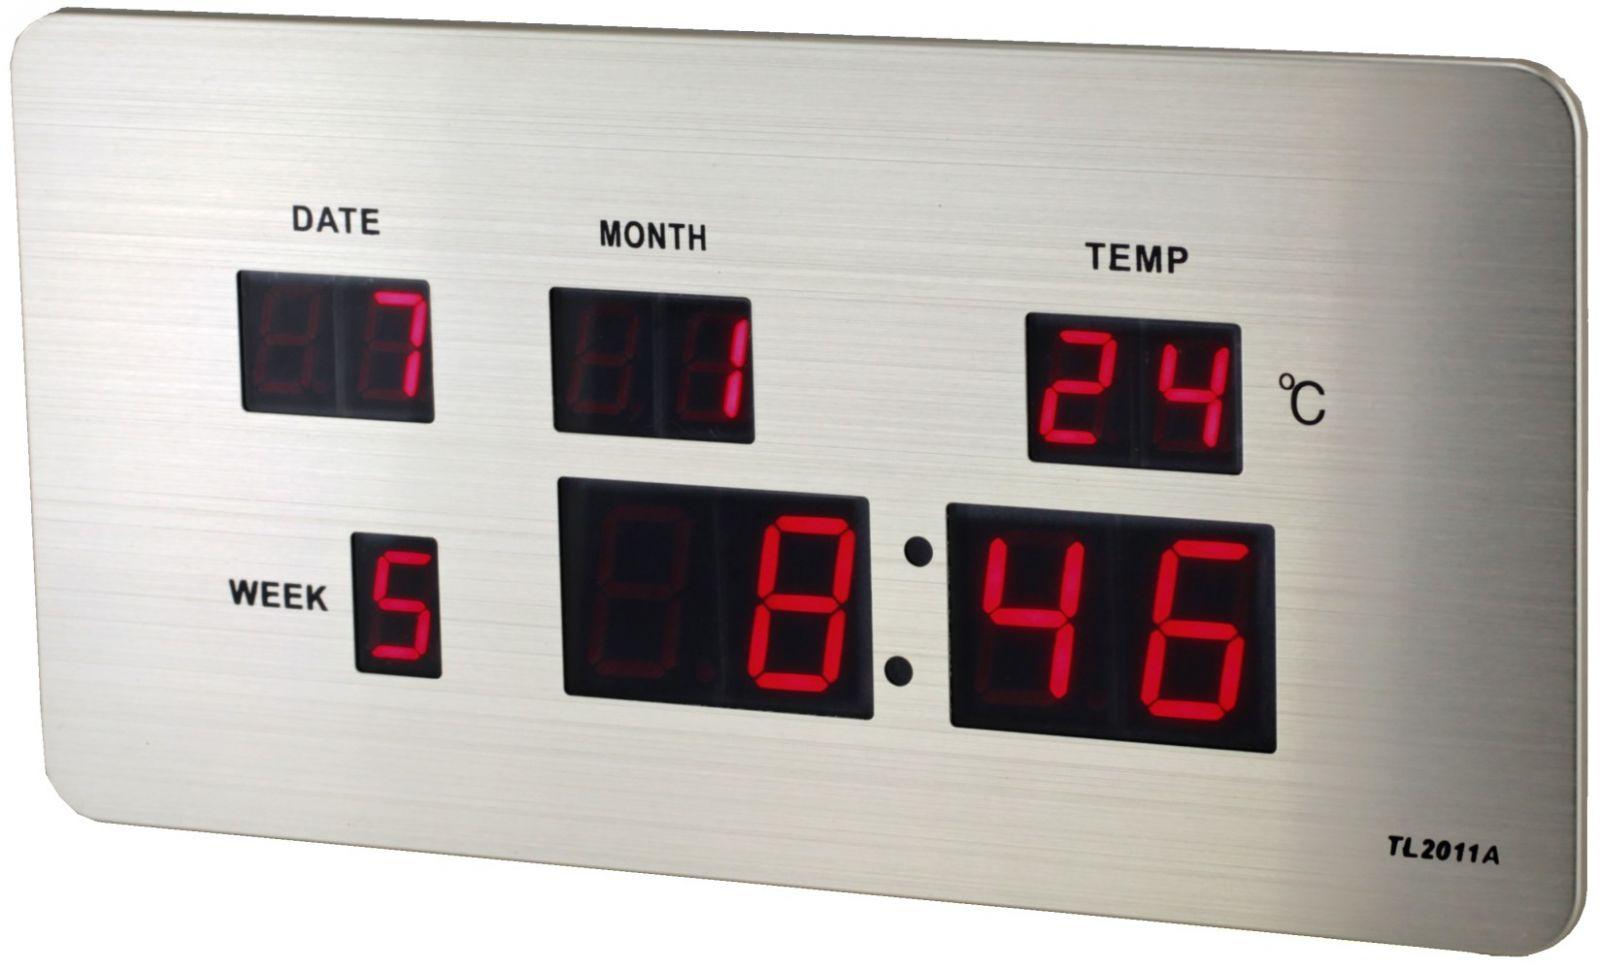 Digitální budík s červenými LED diodami, datem a teploměrem k postavení na stůl nebo pověšení na zeď.086